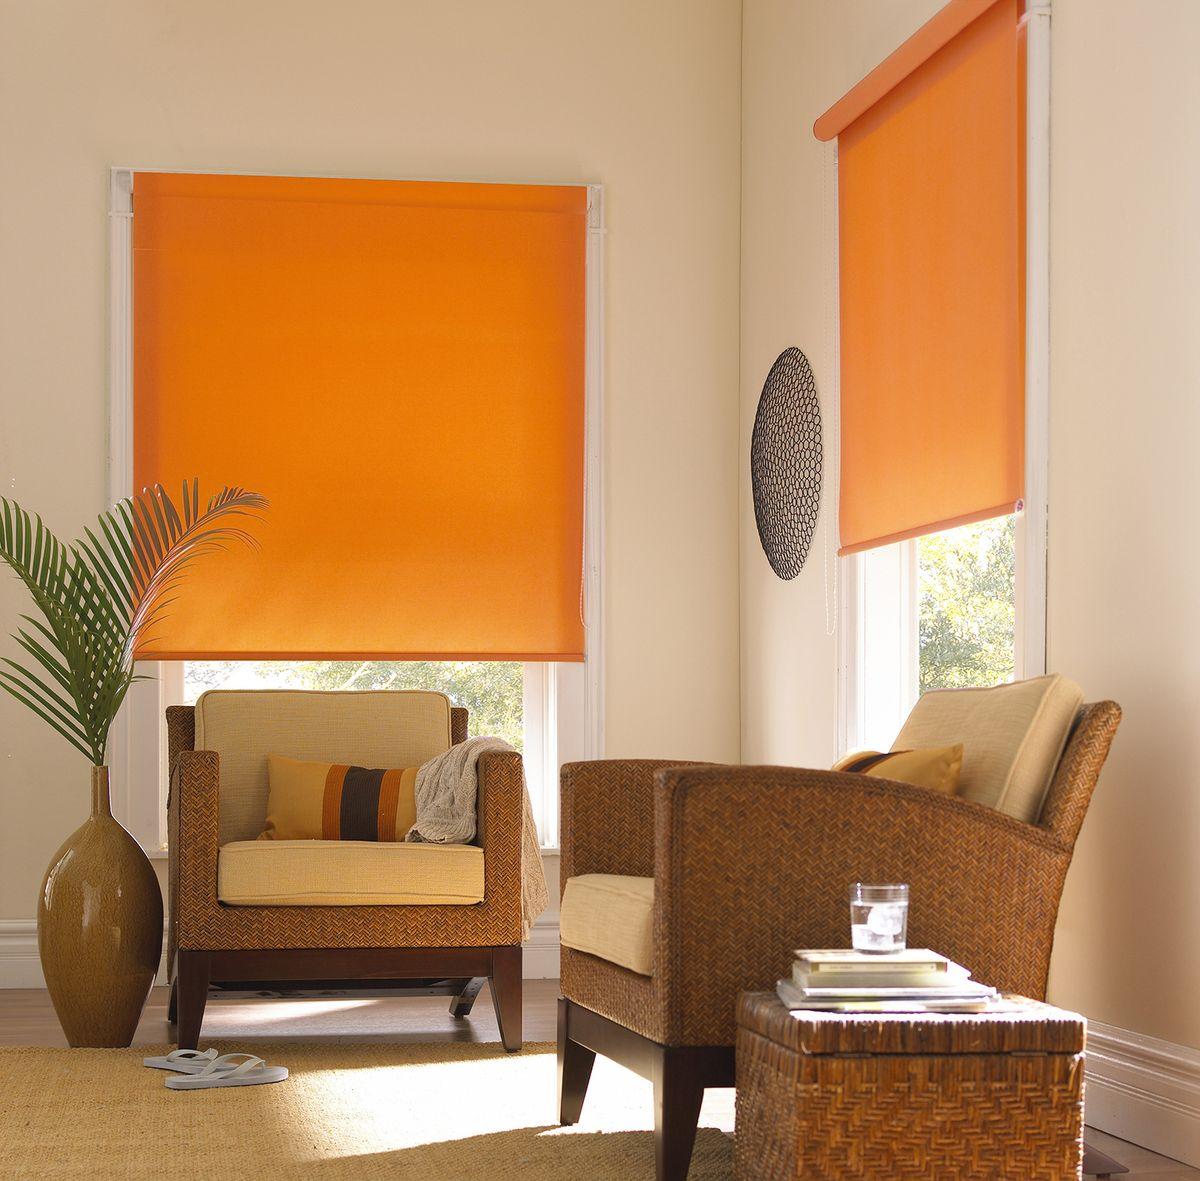 Штора рулонная Эскар Миниролло, цвет: апельсин, ширина 37 см, высота 170 смS03301004Рулонная штора Эскар Миниролло выполнена из высокопрочной ткани, которая сохраняет свой размер даже при намокании. Ткань не выцветает и обладает отличной цветоустойчивостью.Миниролло - это подвид рулонных штор, который закрывает не весь оконный проем, а непосредственно само стекло. Такие шторы крепятся на раму без сверления при помощи зажимов или клейкой двухсторонней ленты (в комплекте). Окно остается на гарантии, благодаря монтажу без сверления. Такая штора станет прекрасным элементом декора окна и гармонично впишется в интерьер любого помещения.